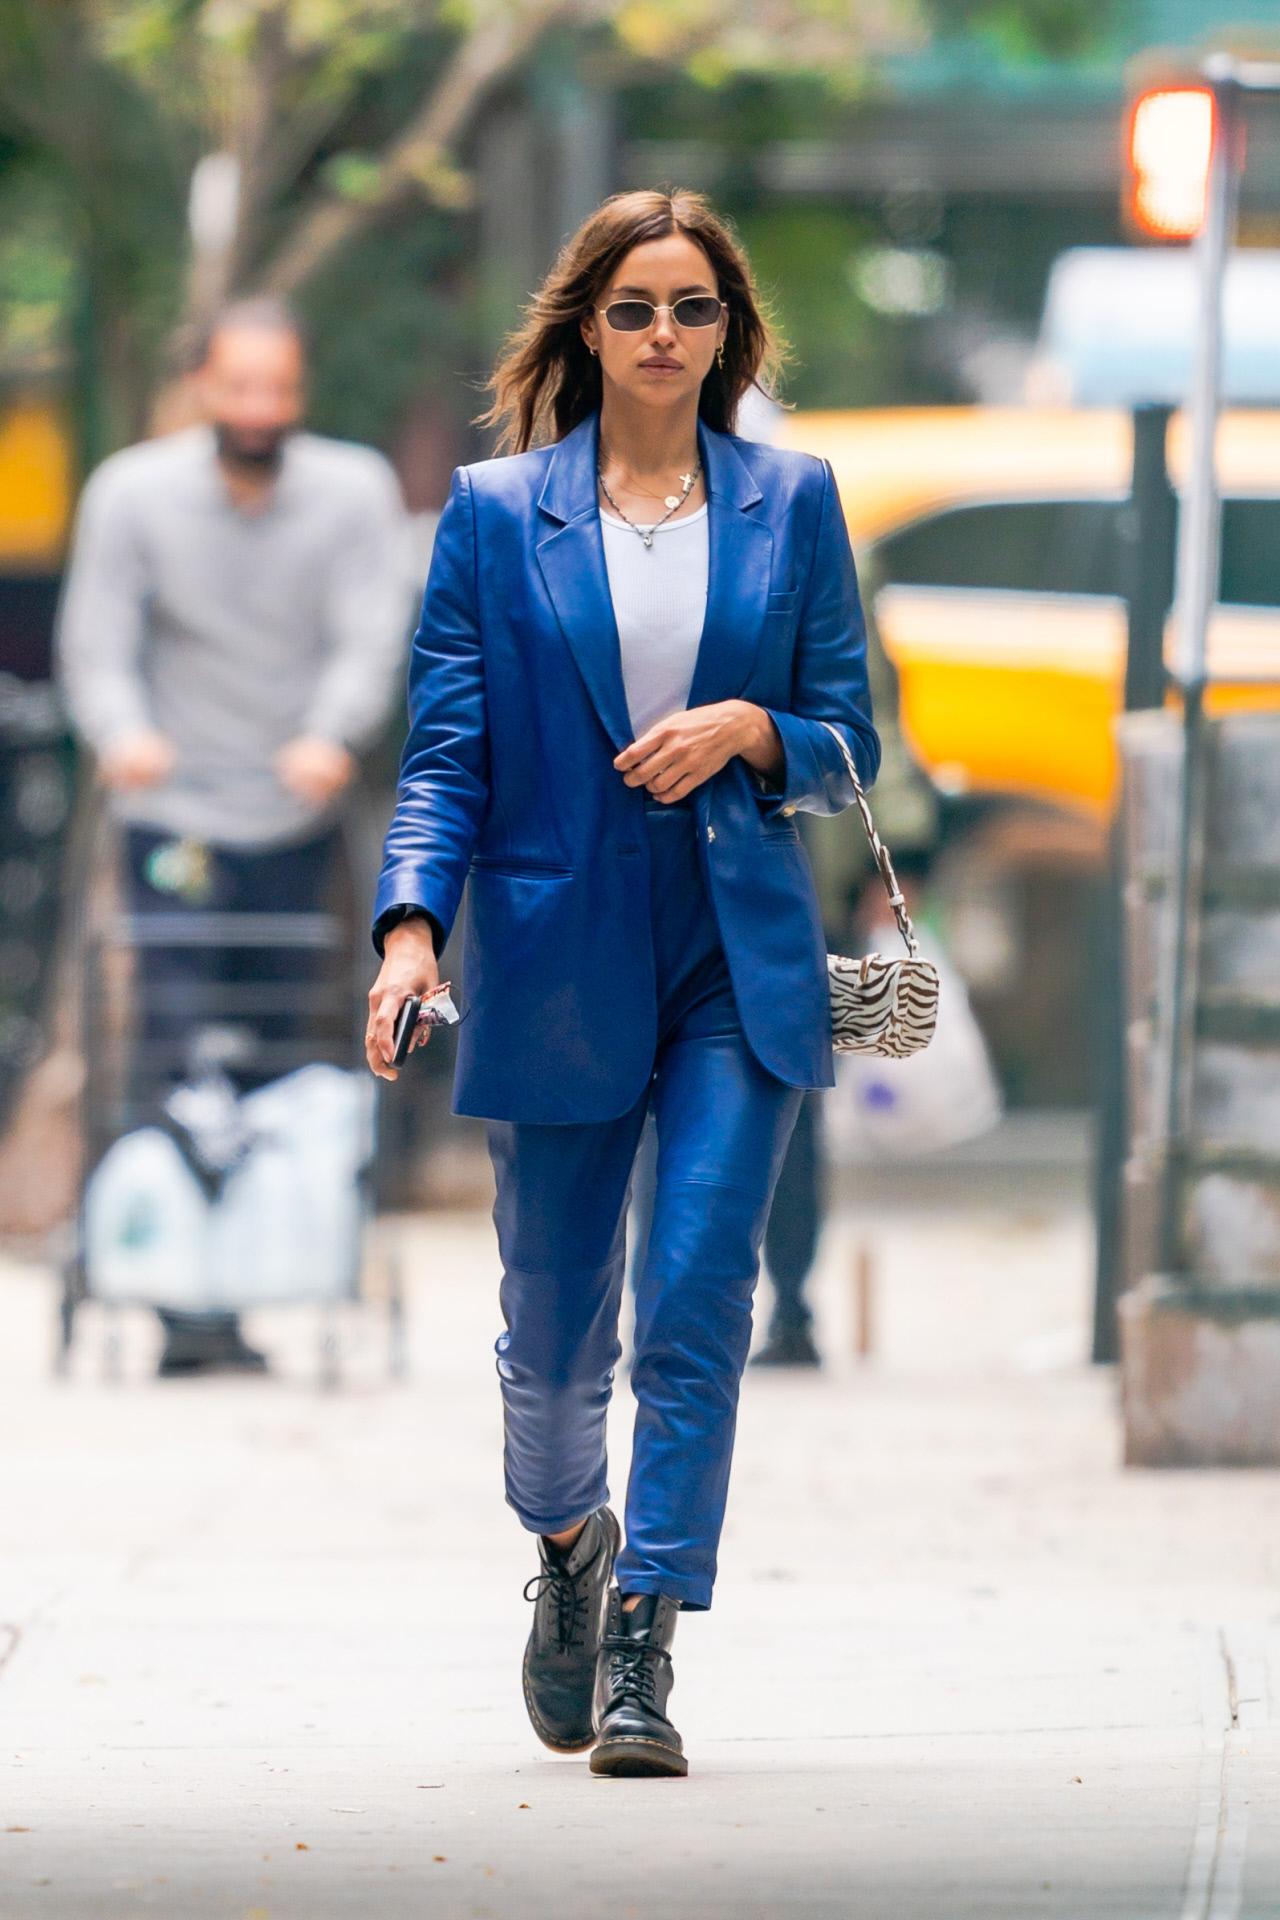 La modelo Irina Shayk con sastre azul de cuero.